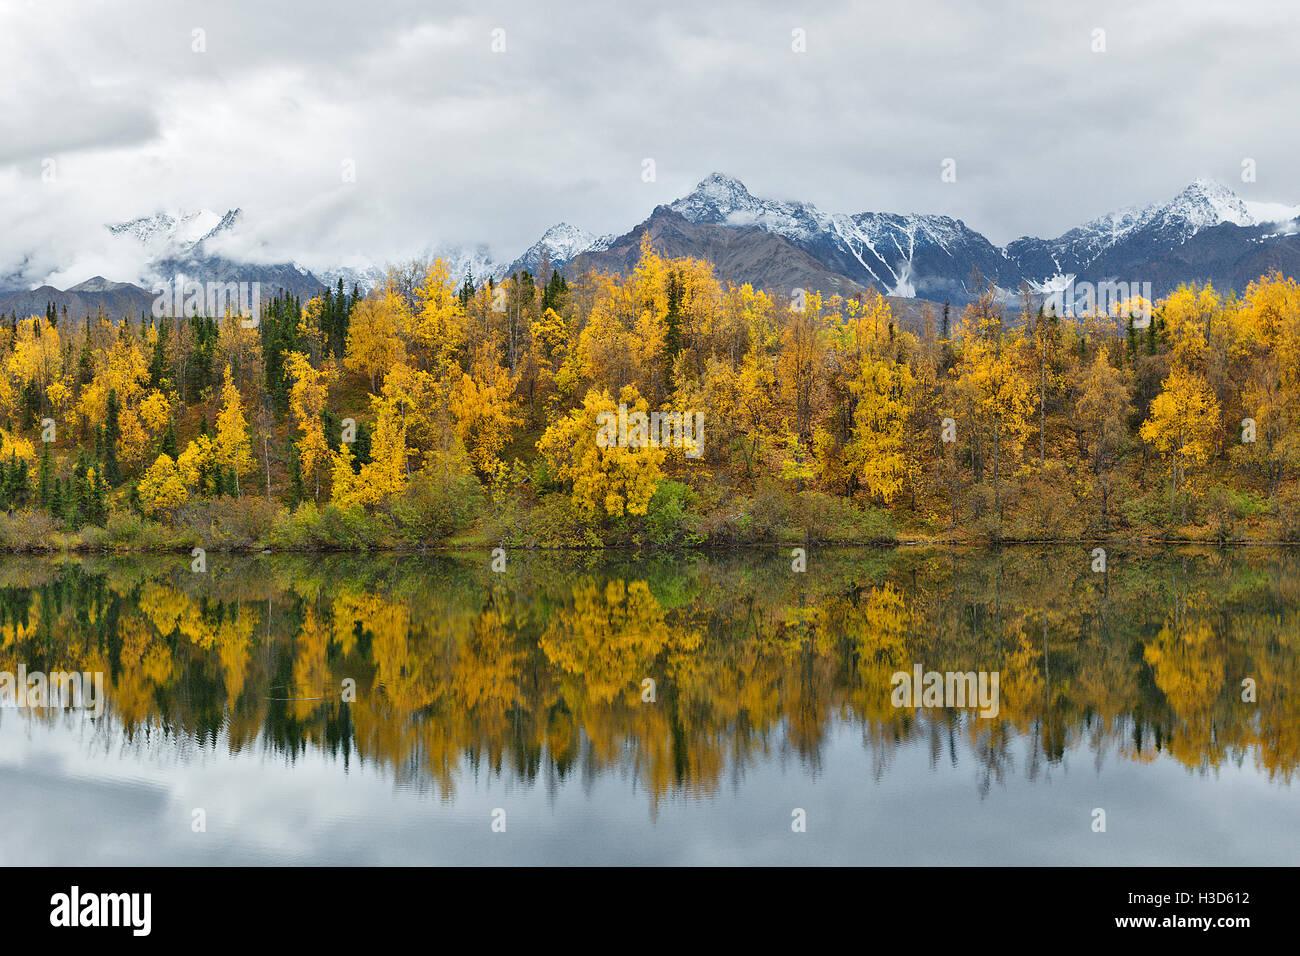 Colori autunnali della foresta boreale riflette ancora in un lago, Alaska, STATI UNITI D'AMERICA Immagini Stock